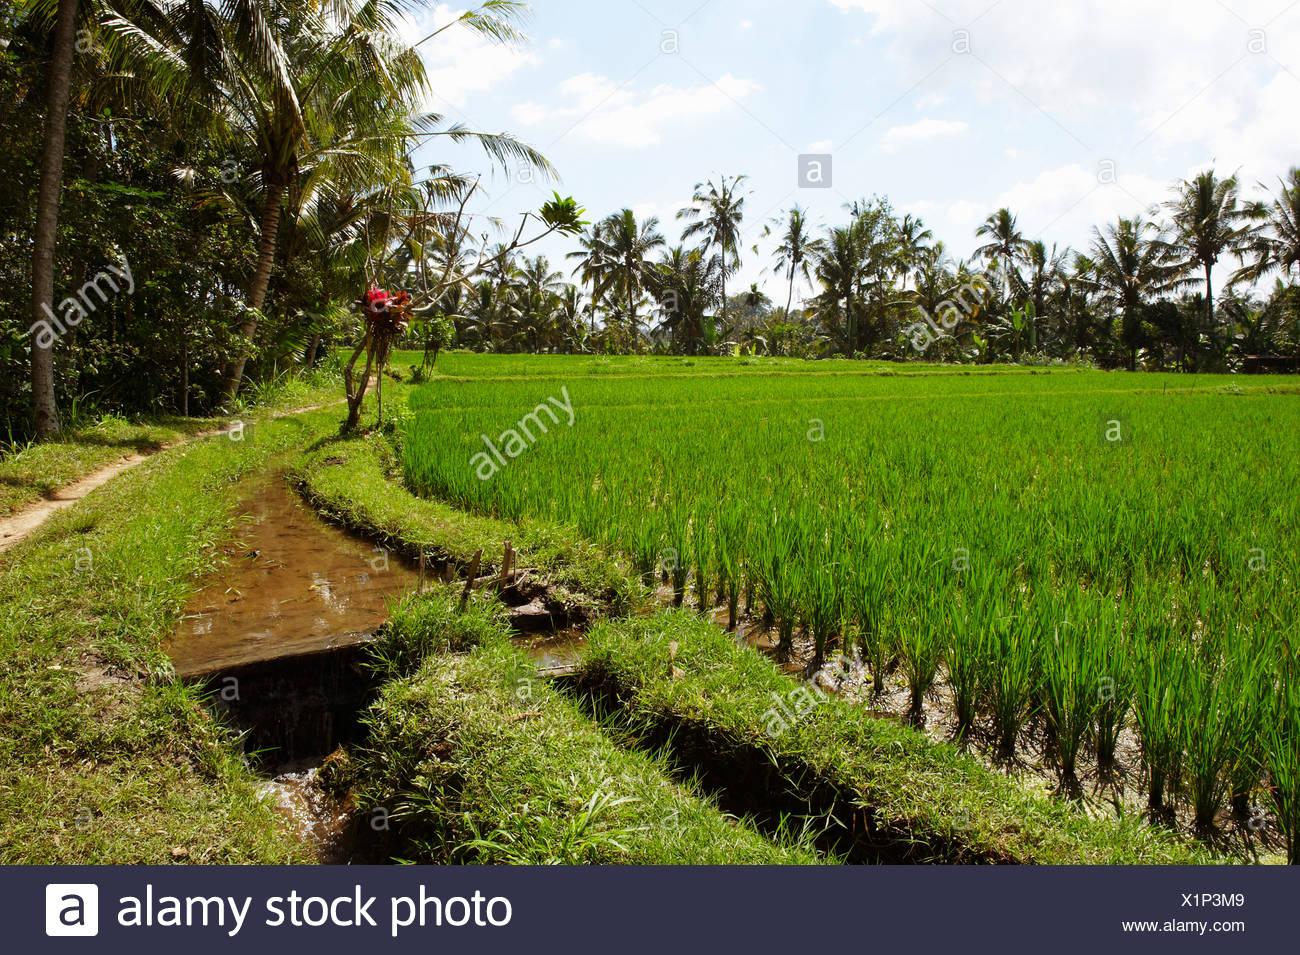 Bali Indonesia El Cultivo De Arroz En Terrazas De Arroz